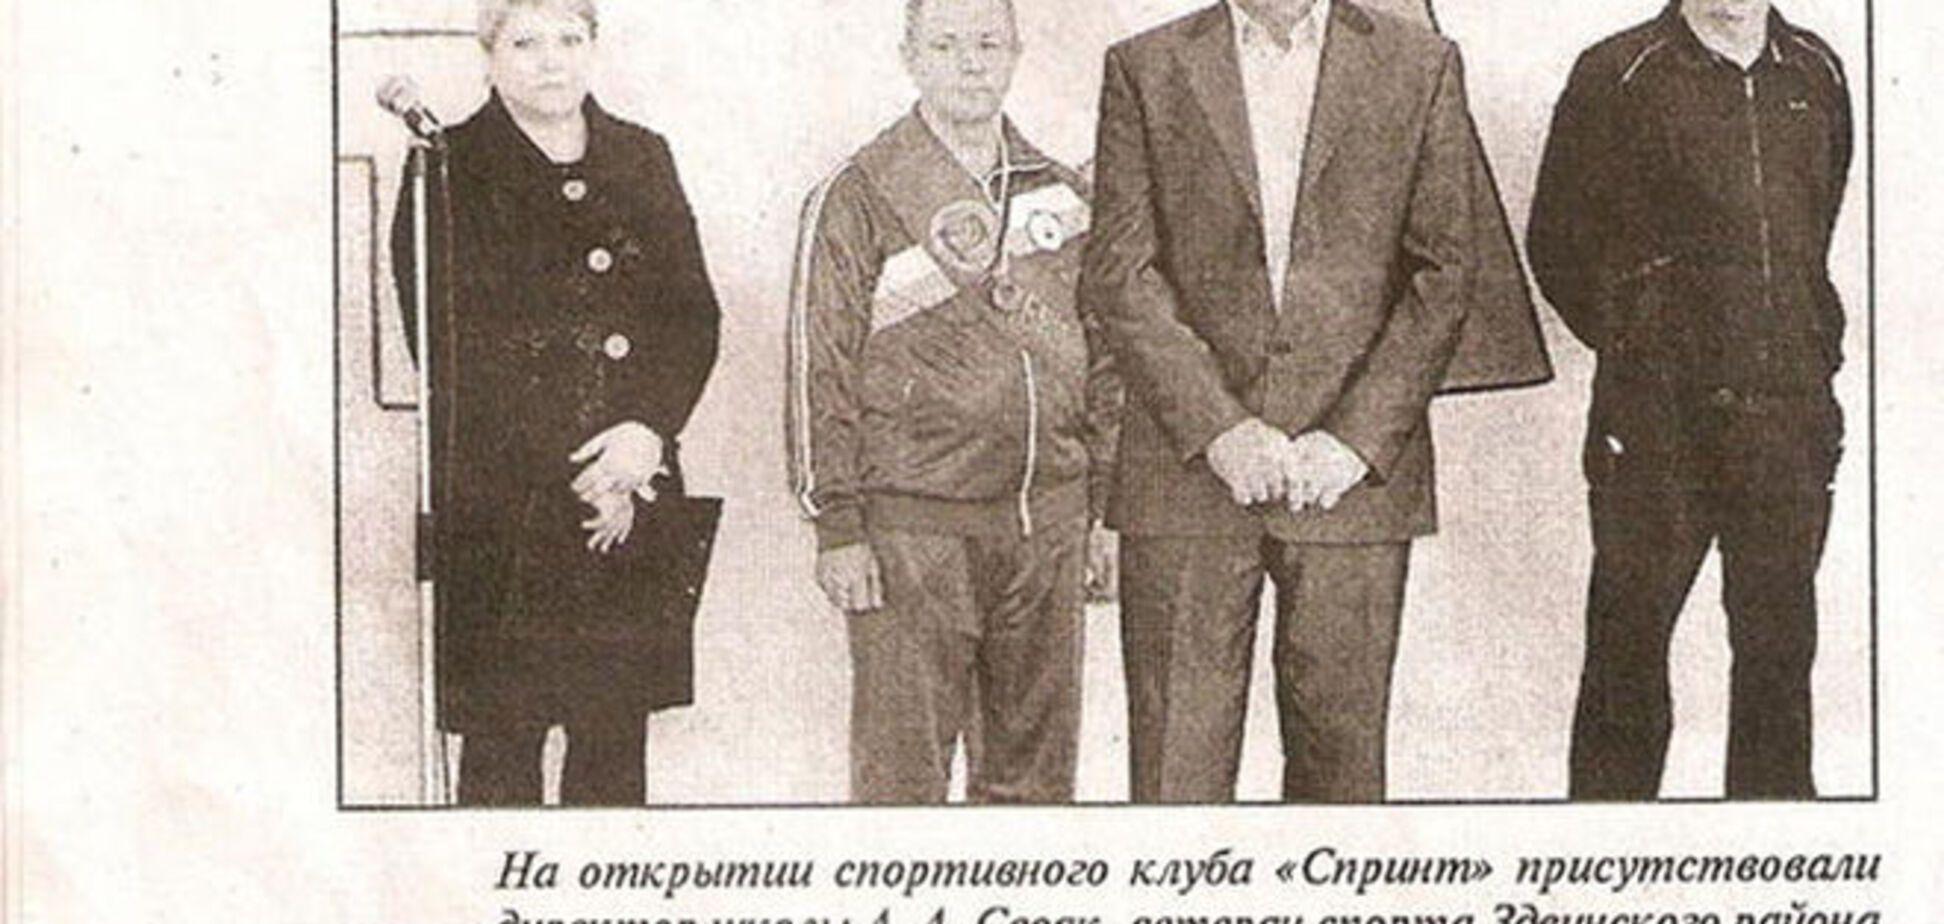 'Дядьку справа отрезать': фото российского физрука в газете стало хитом интернета